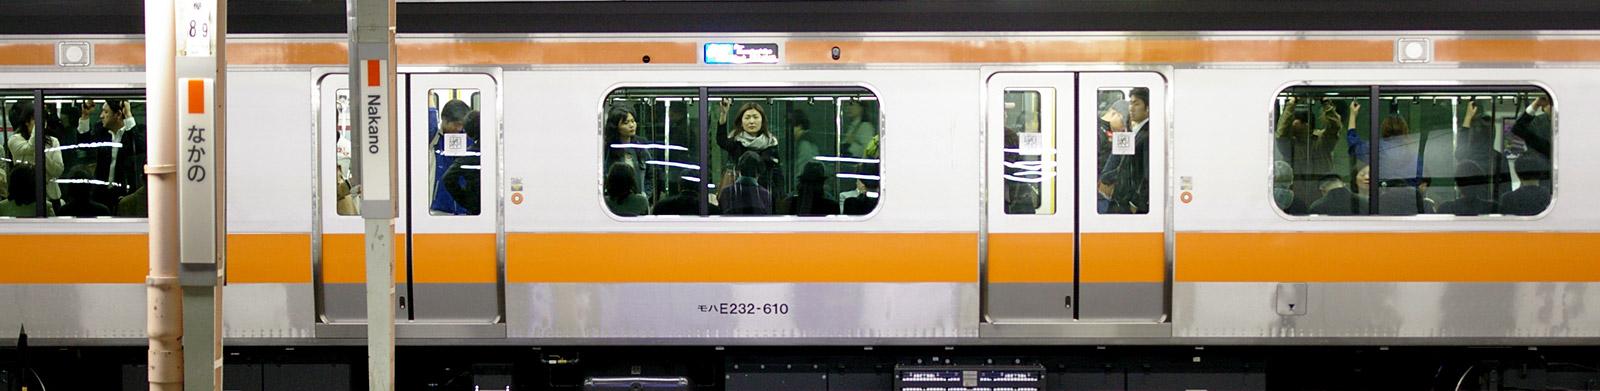 電車の なかの お姉さん_c0081540_17351648.jpg